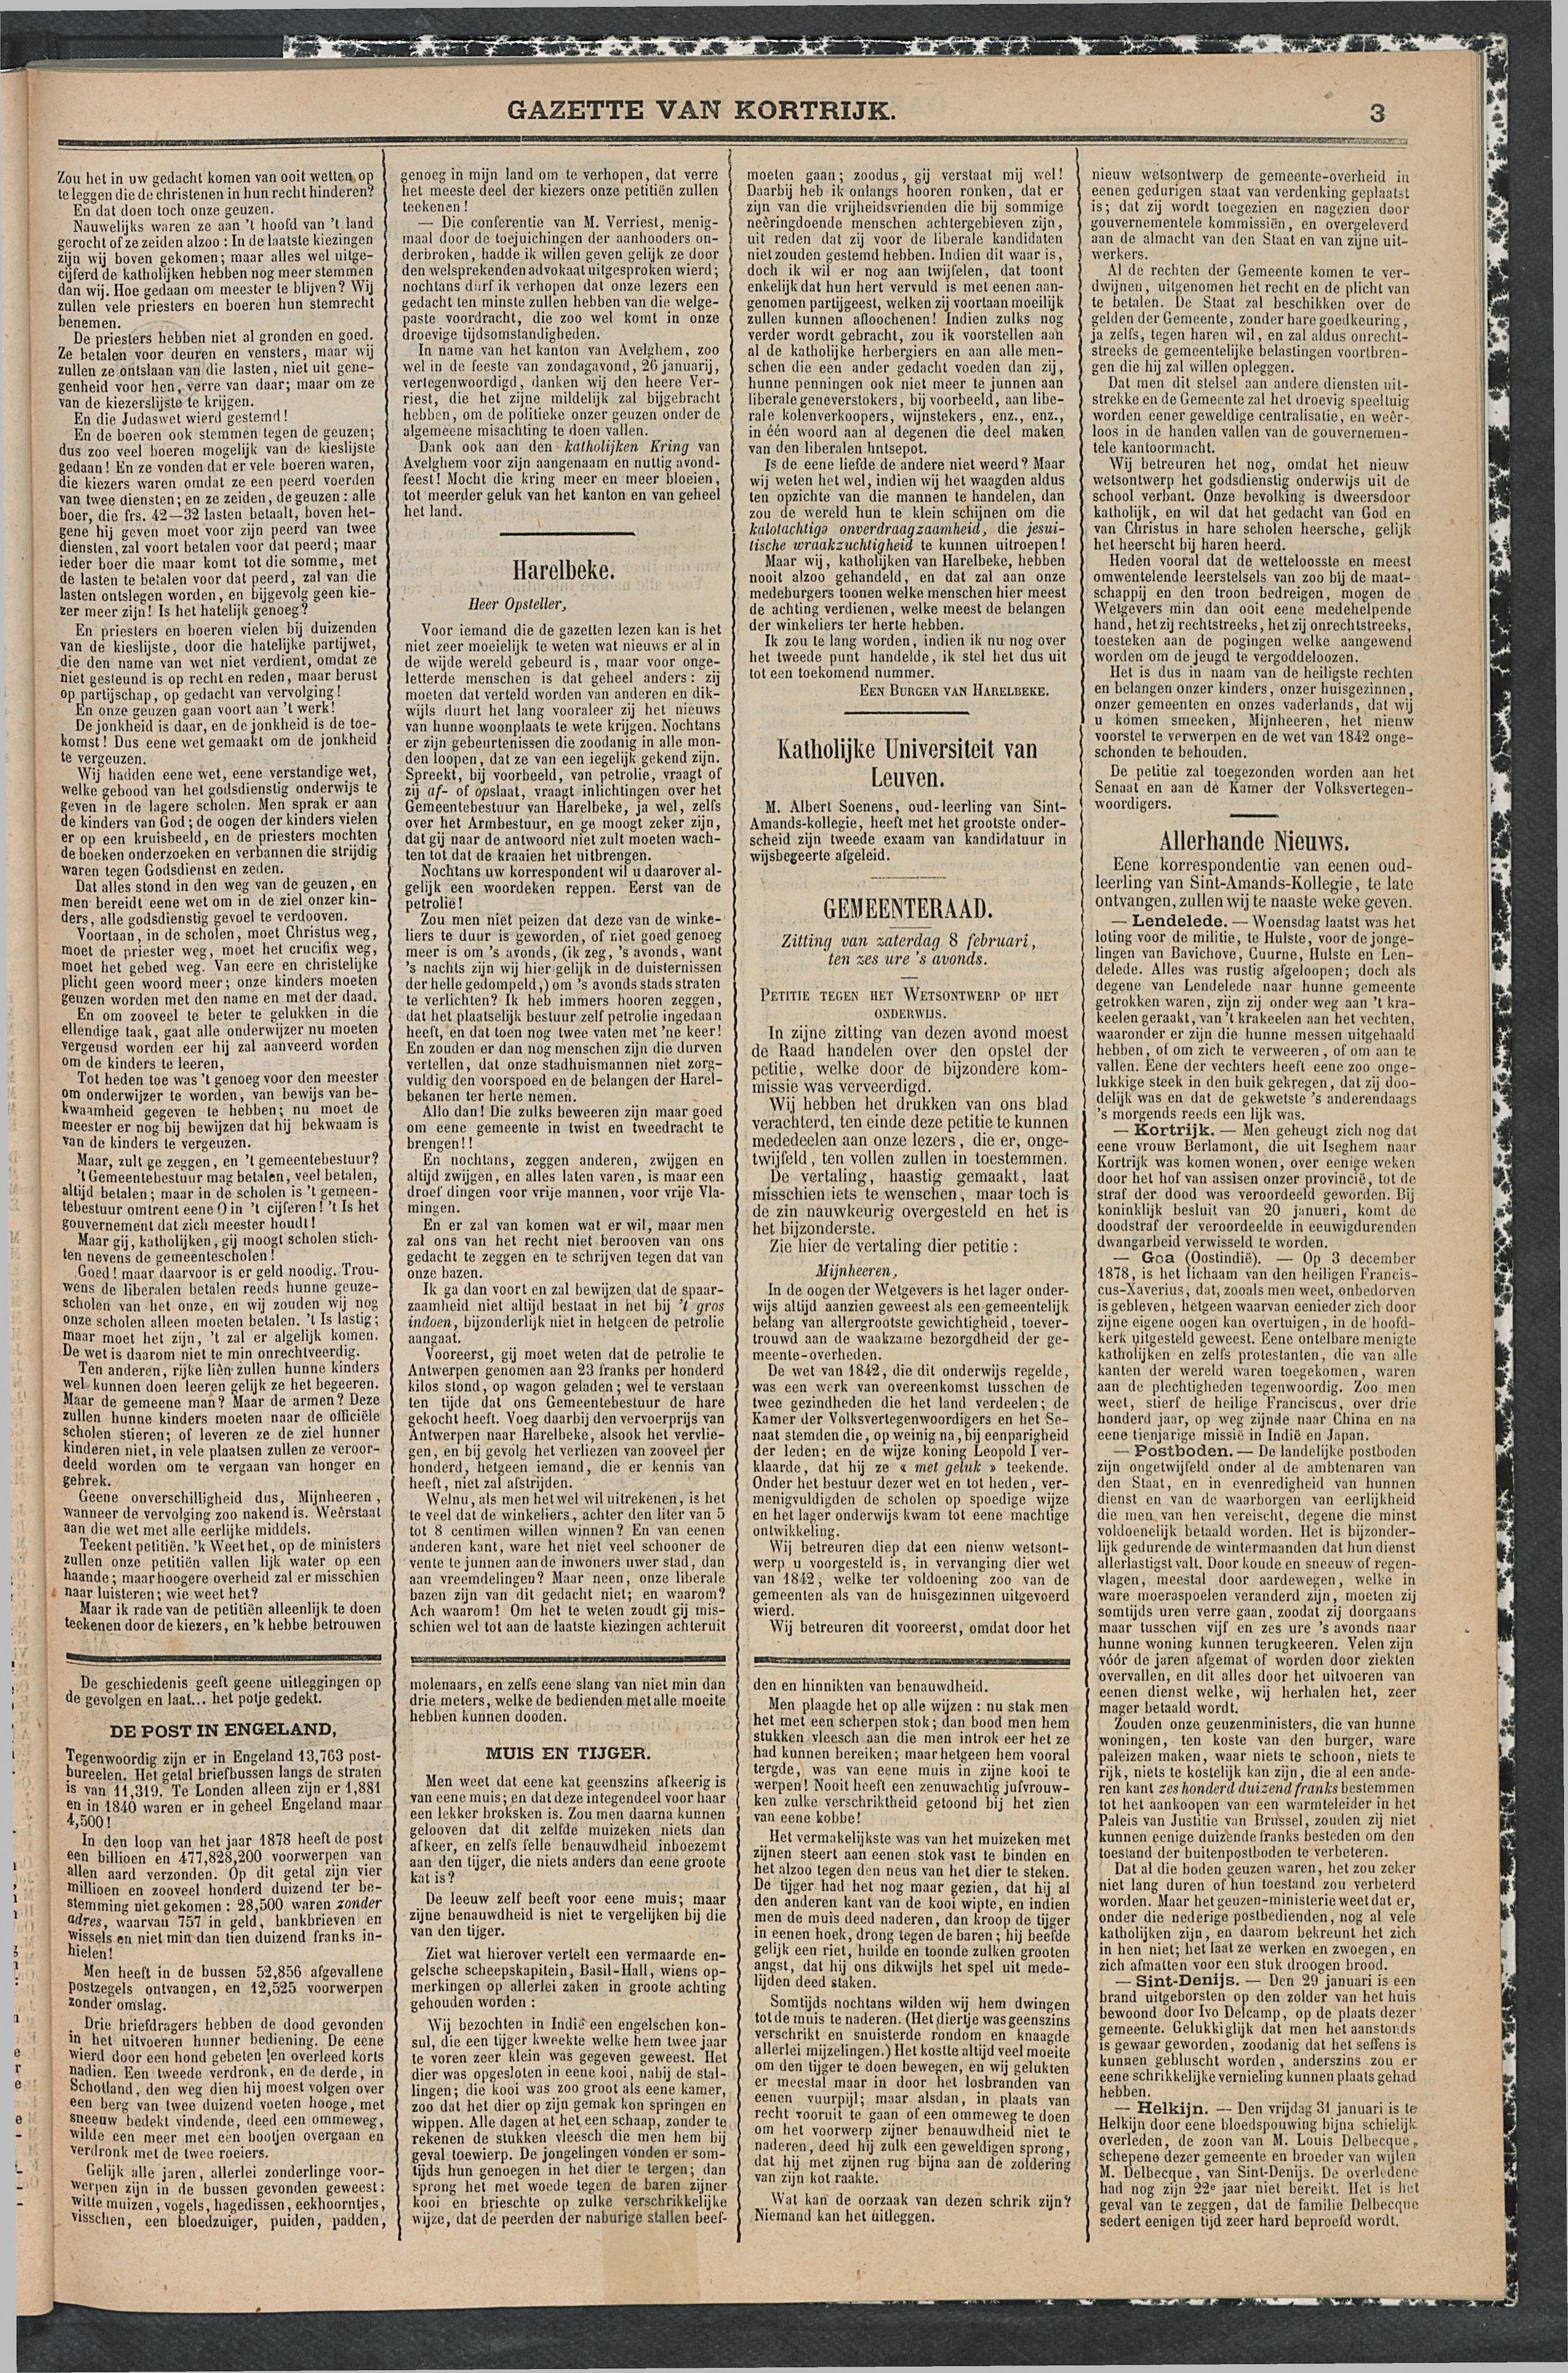 Gazette Van Kortrijk 1879-02-08 p3